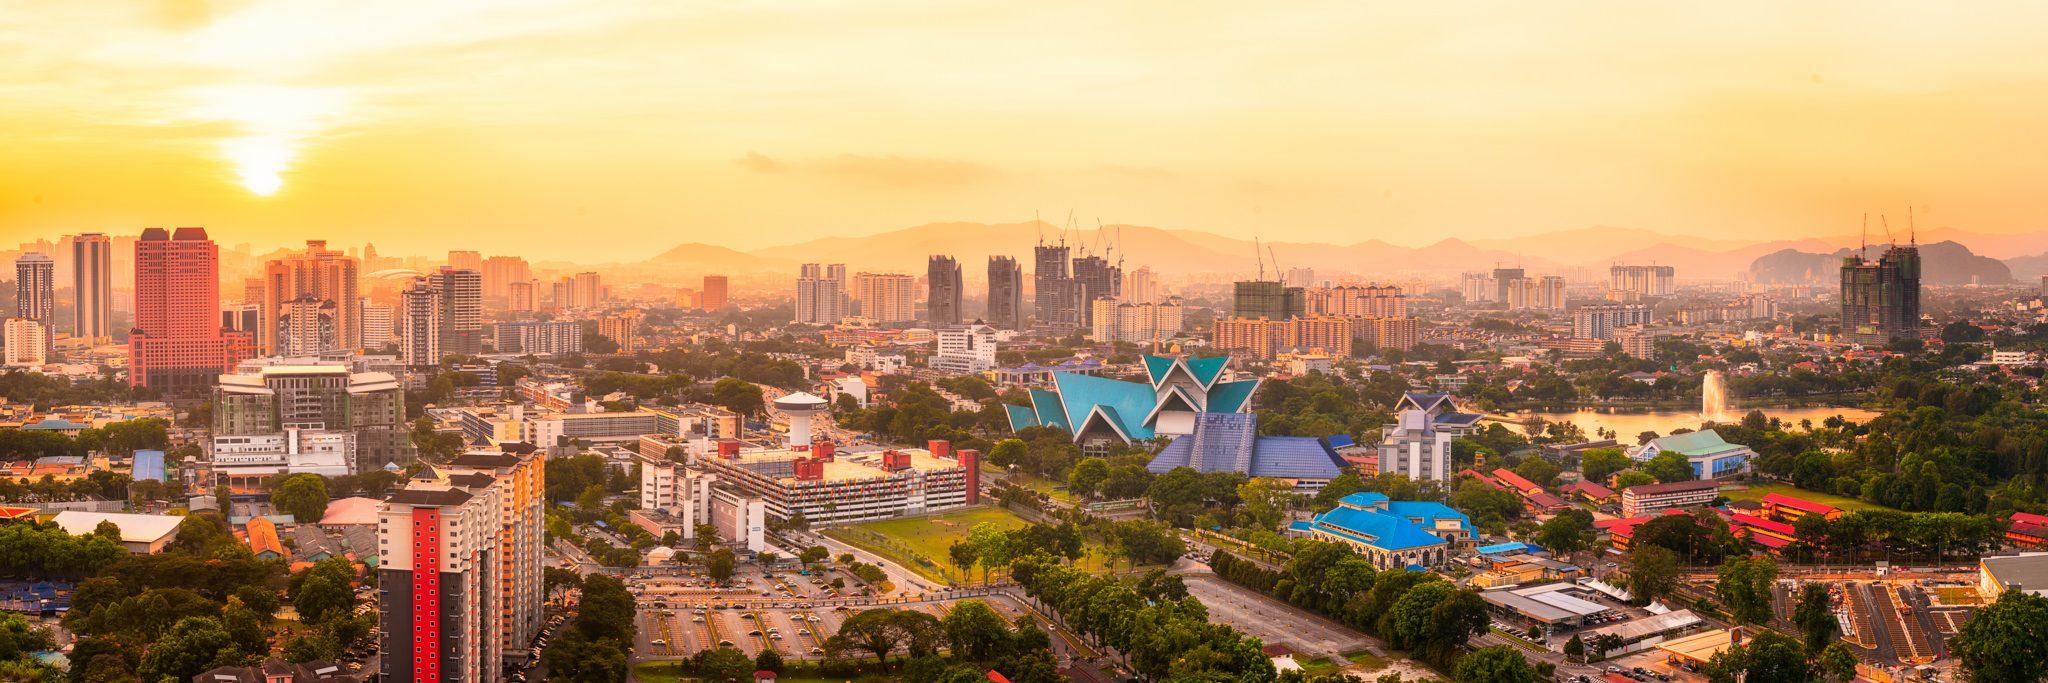 Kuala Lumpur Sunset Panorama, Malaysia.